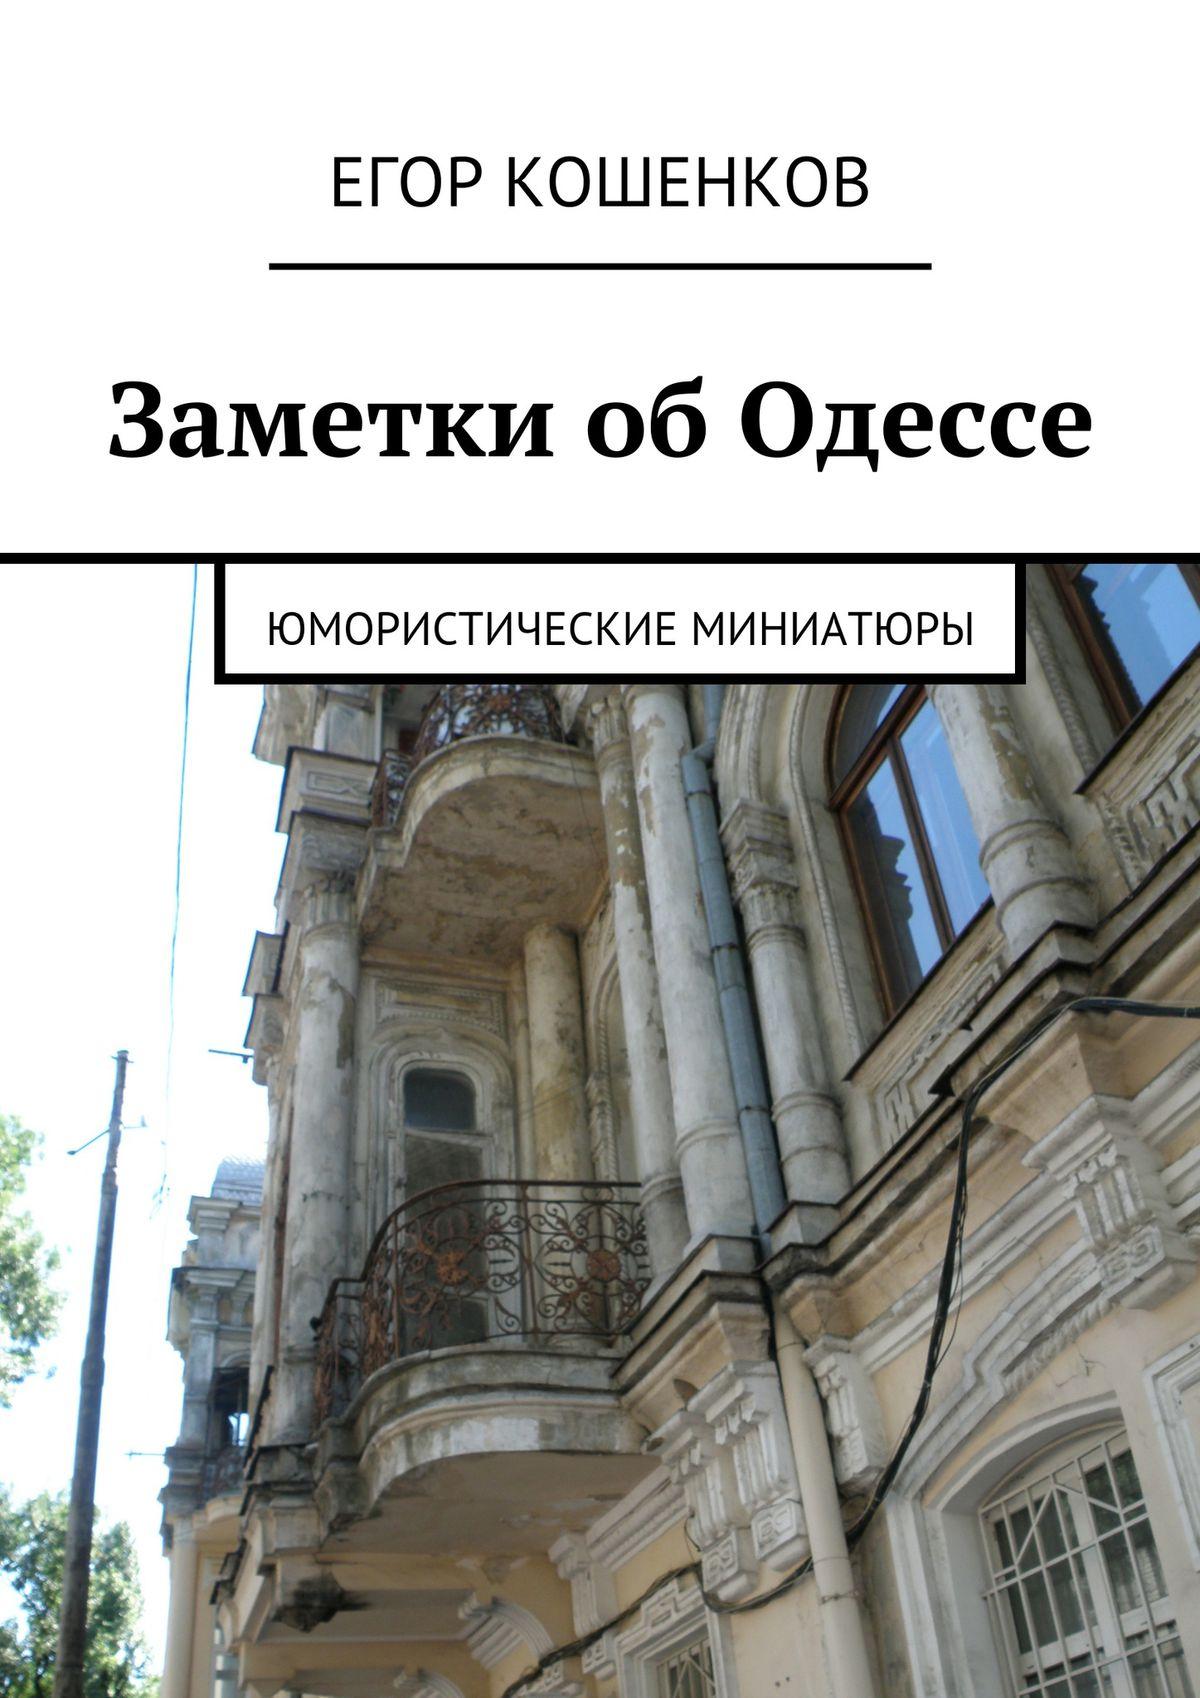 Егор Кошенков Заметки обОдессе